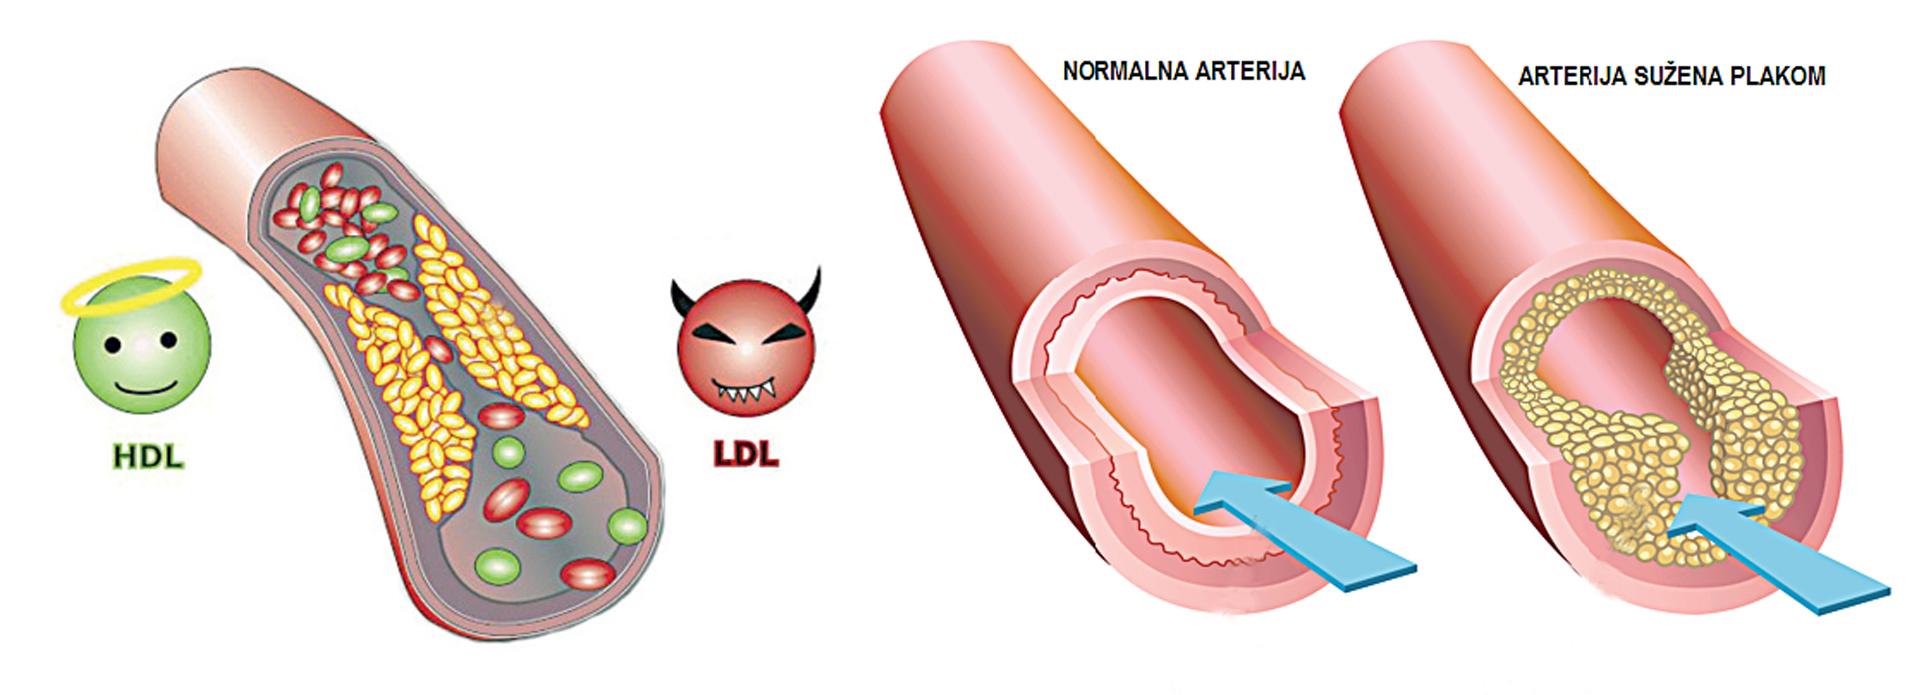 Kraj 40-godišnjoj zabludi: Namirnice s povišenim kolesterolom više nisu nepoželjne